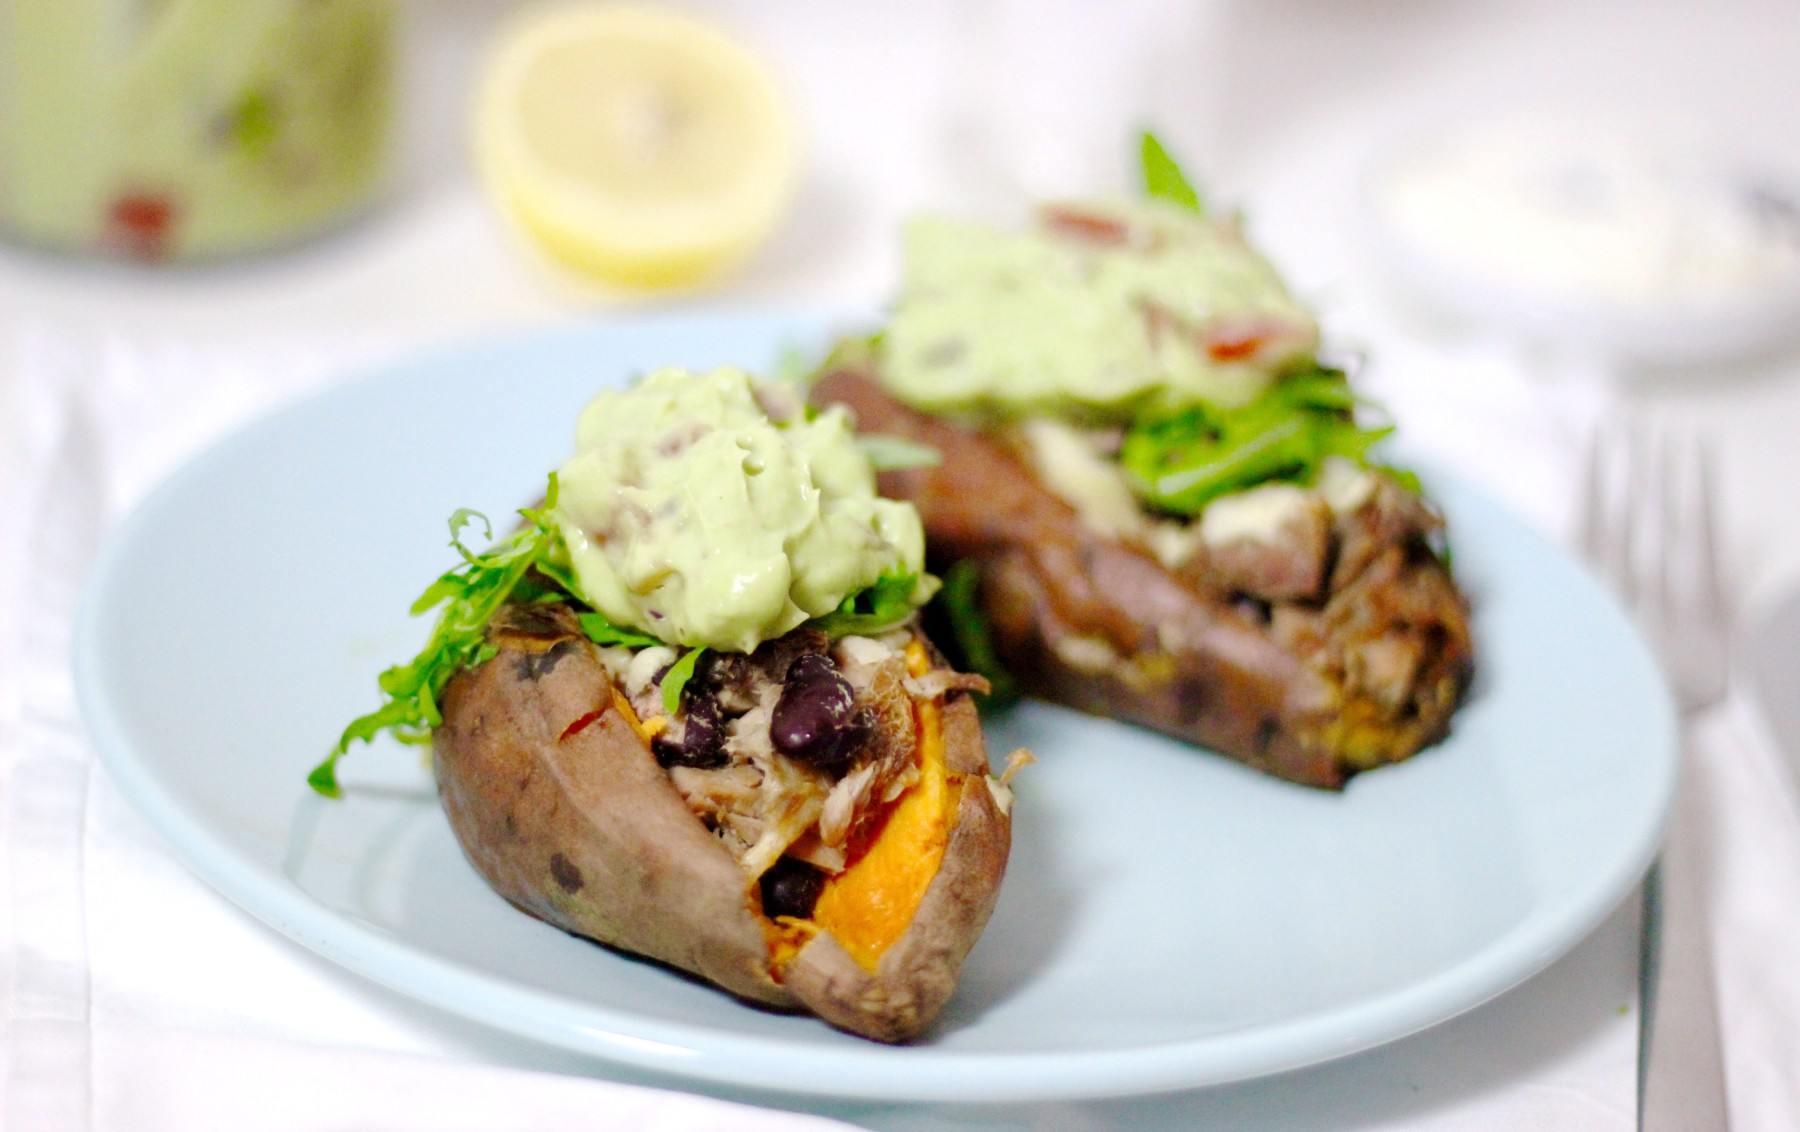 gepofte-zoete-aardappel-met-tonijn